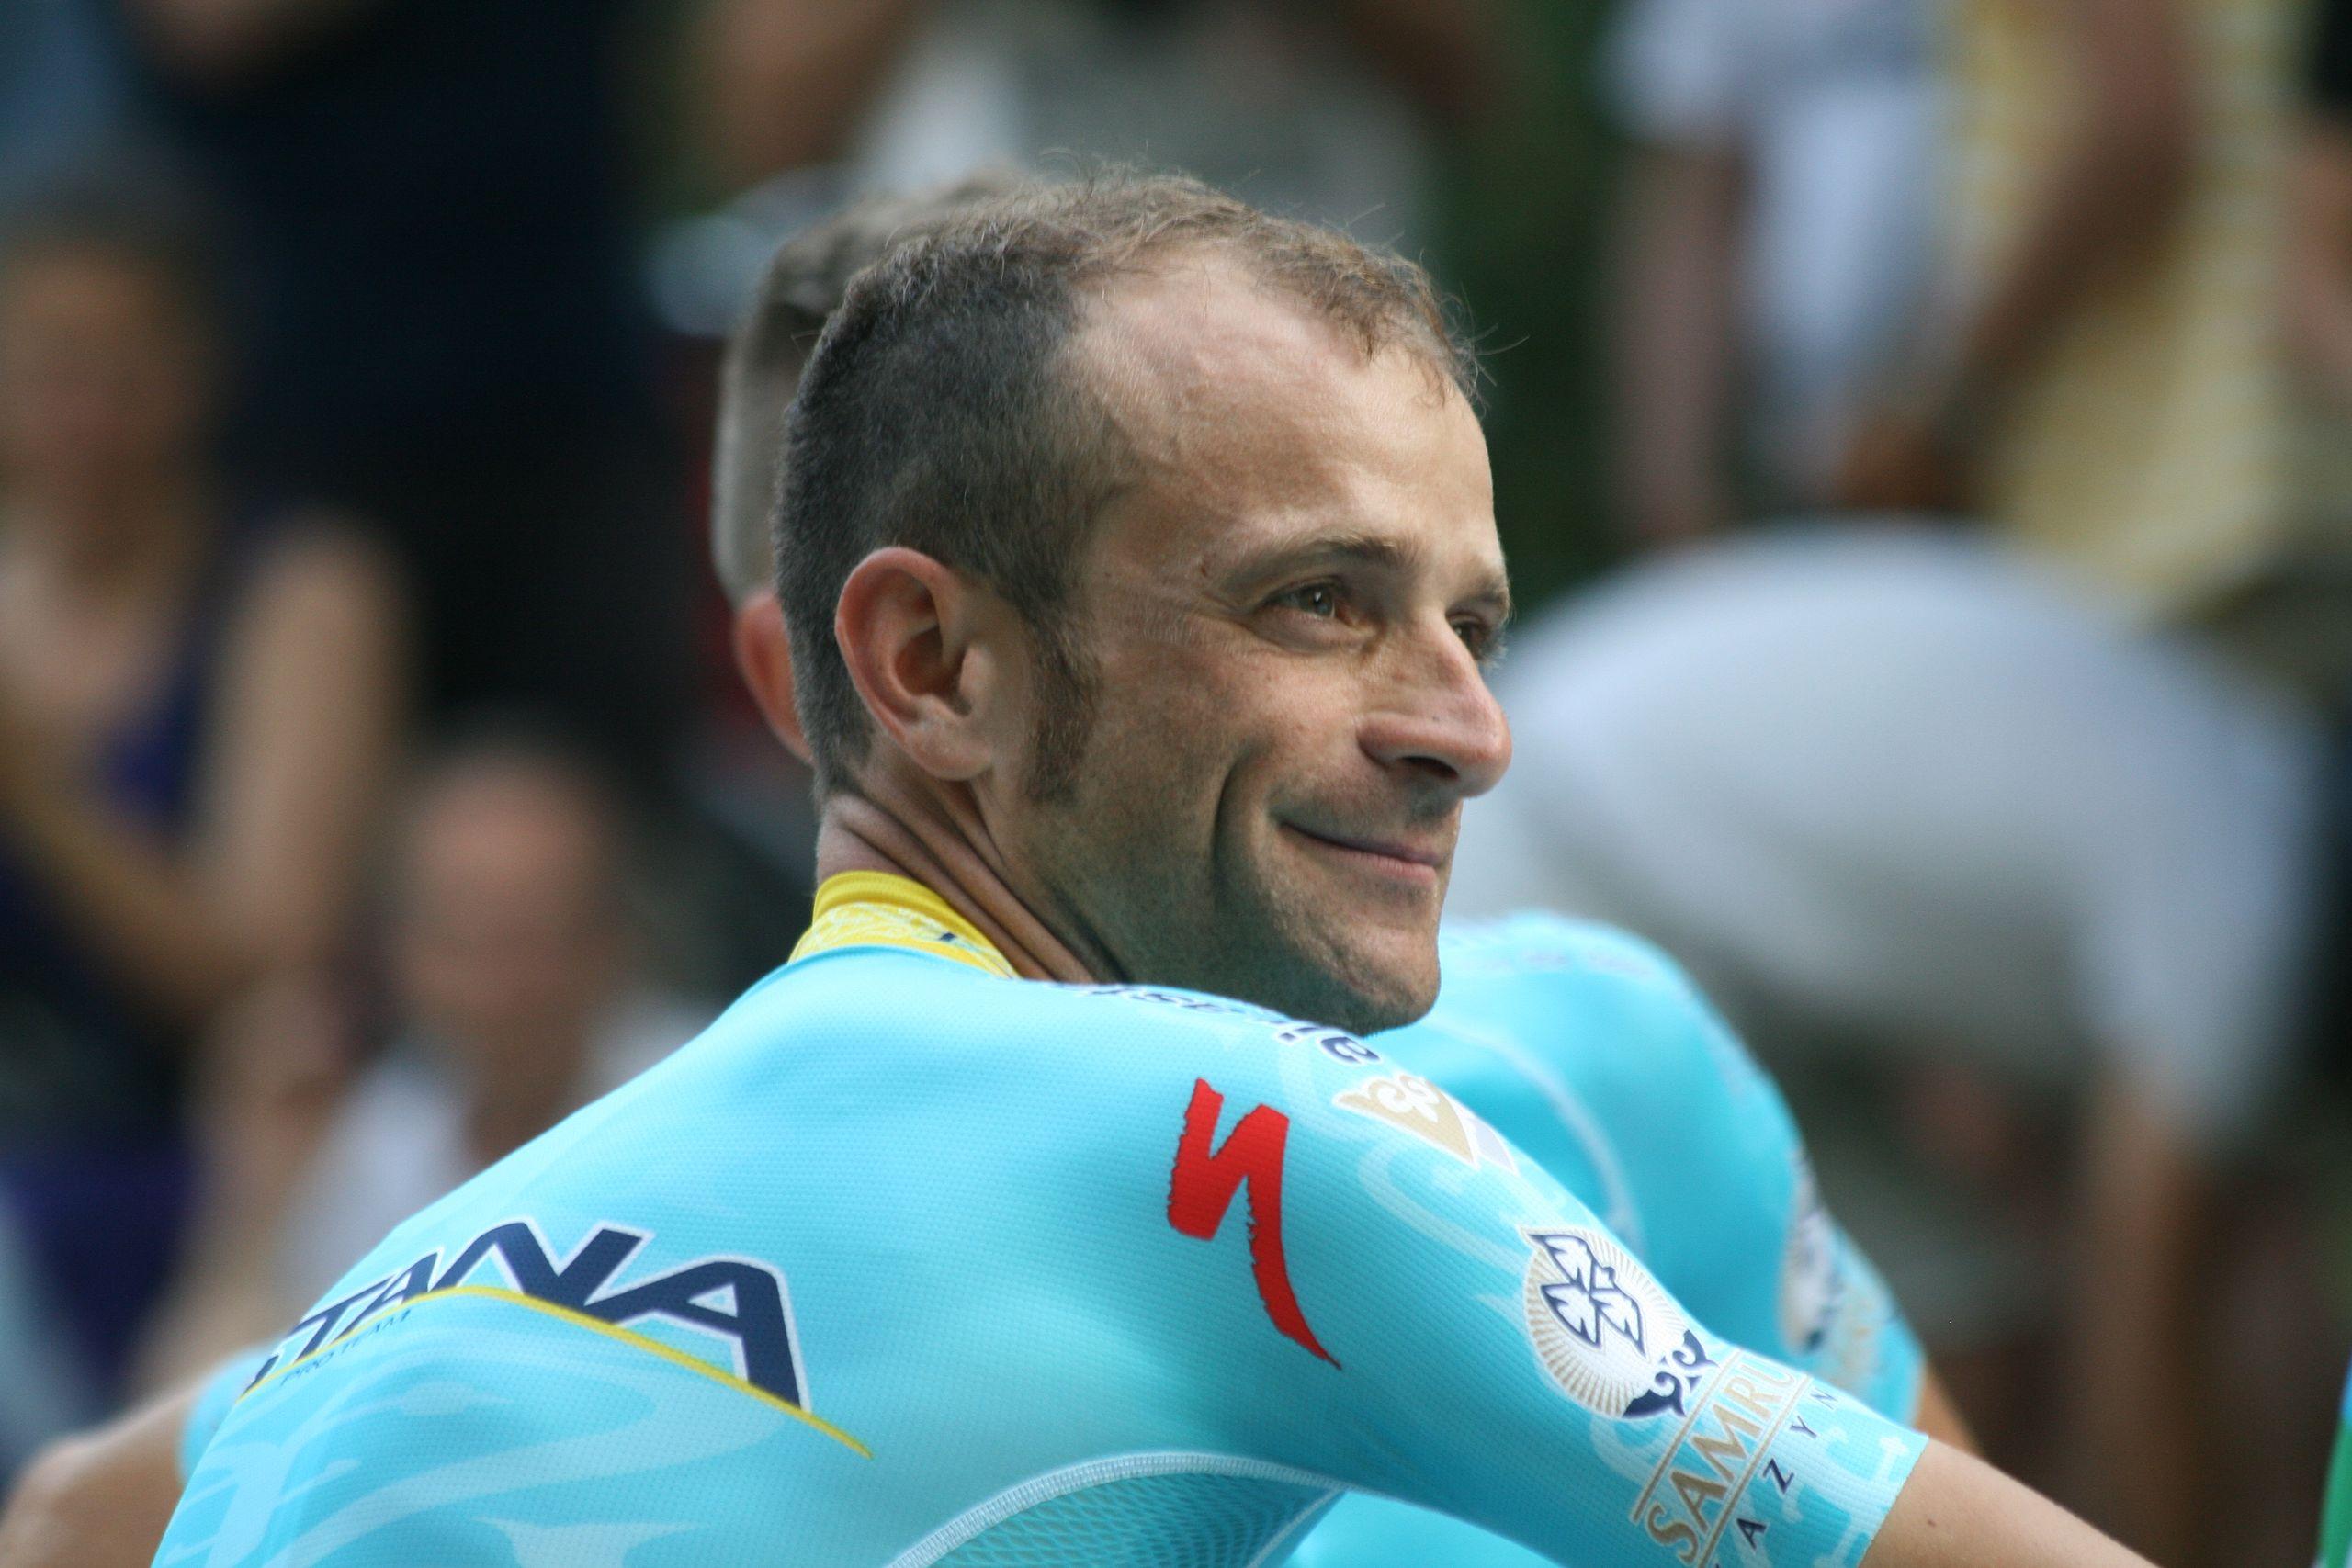 Ciclismo, muore Michele Scarponi travolto da furgone